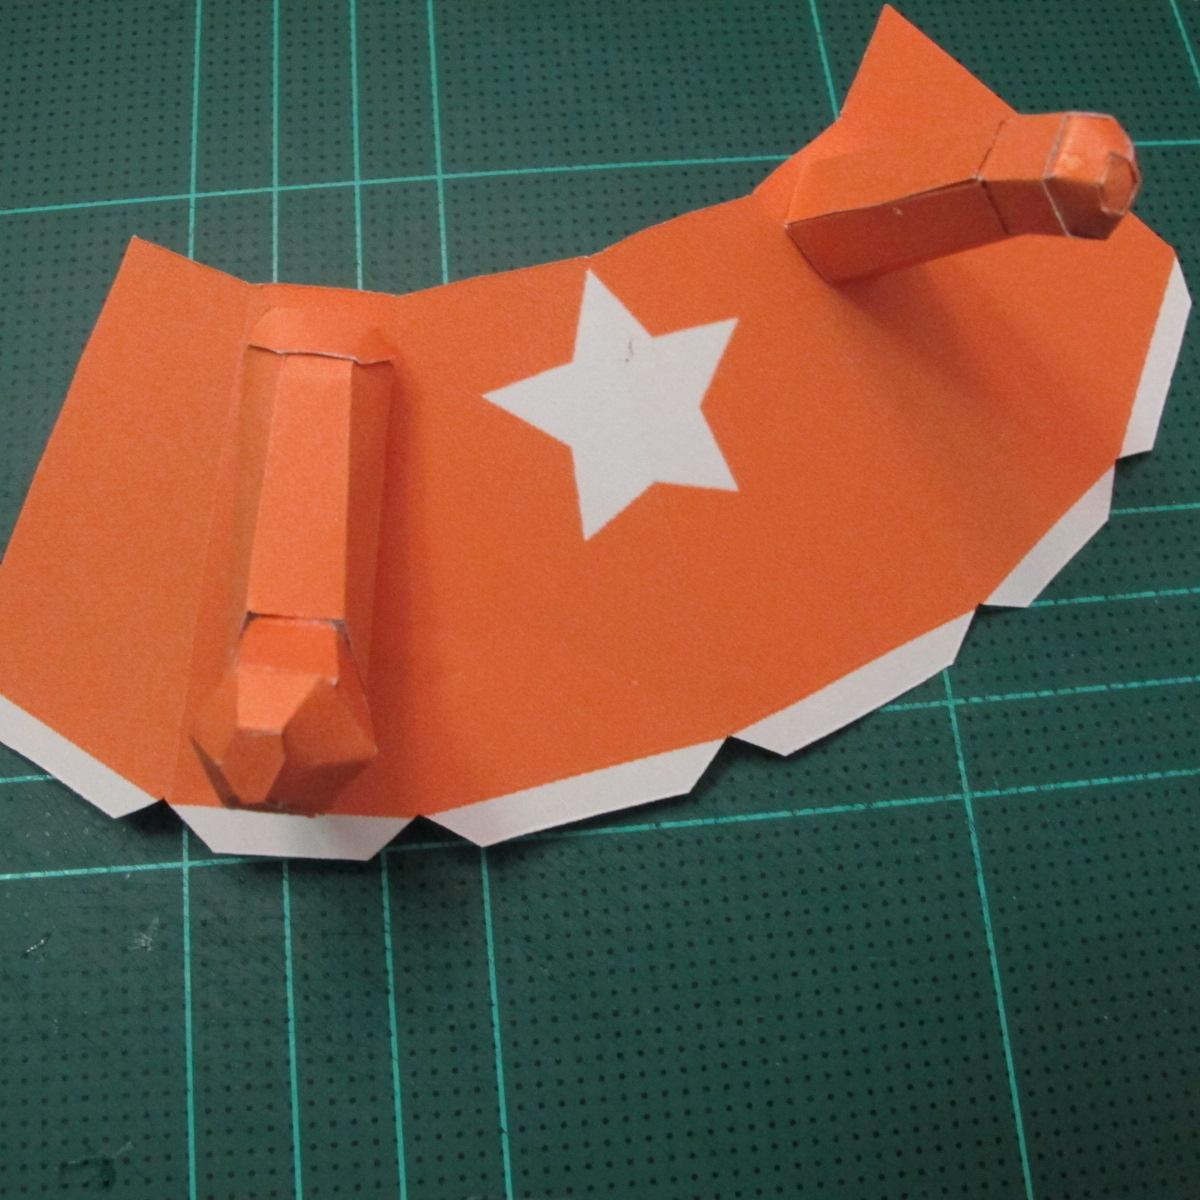 วิธีทำโมเดลกระดาษคุกกี้รัน คุกกี้รสเมฆ (Cookie Run Cloud Cookie  Papercraft Model) 007